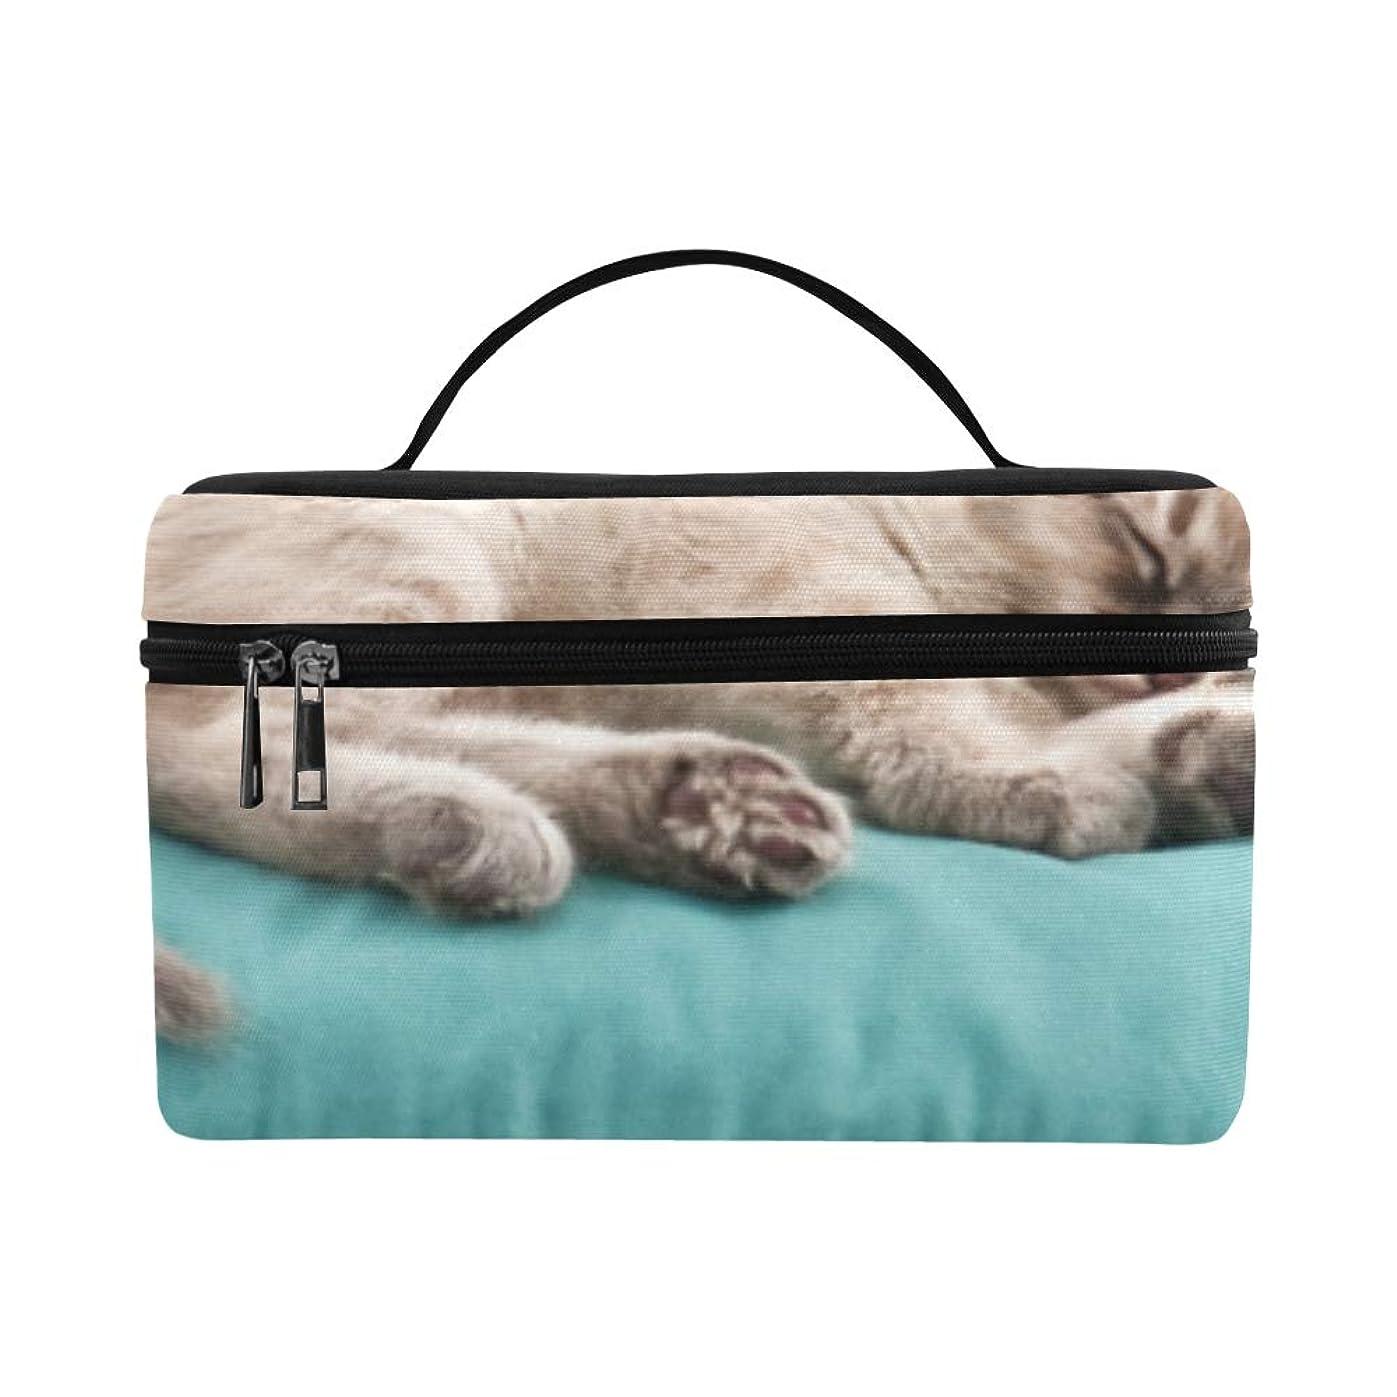 カウント等々団結GXMAN メイクボックス 猫 まくら コスメ収納 化粧品収納ケース 大容量 収納ボックス 化粧品入れ 化粧バッグ 旅行用 メイクブラシバッグ 化粧箱 持ち運び便利 プロ用